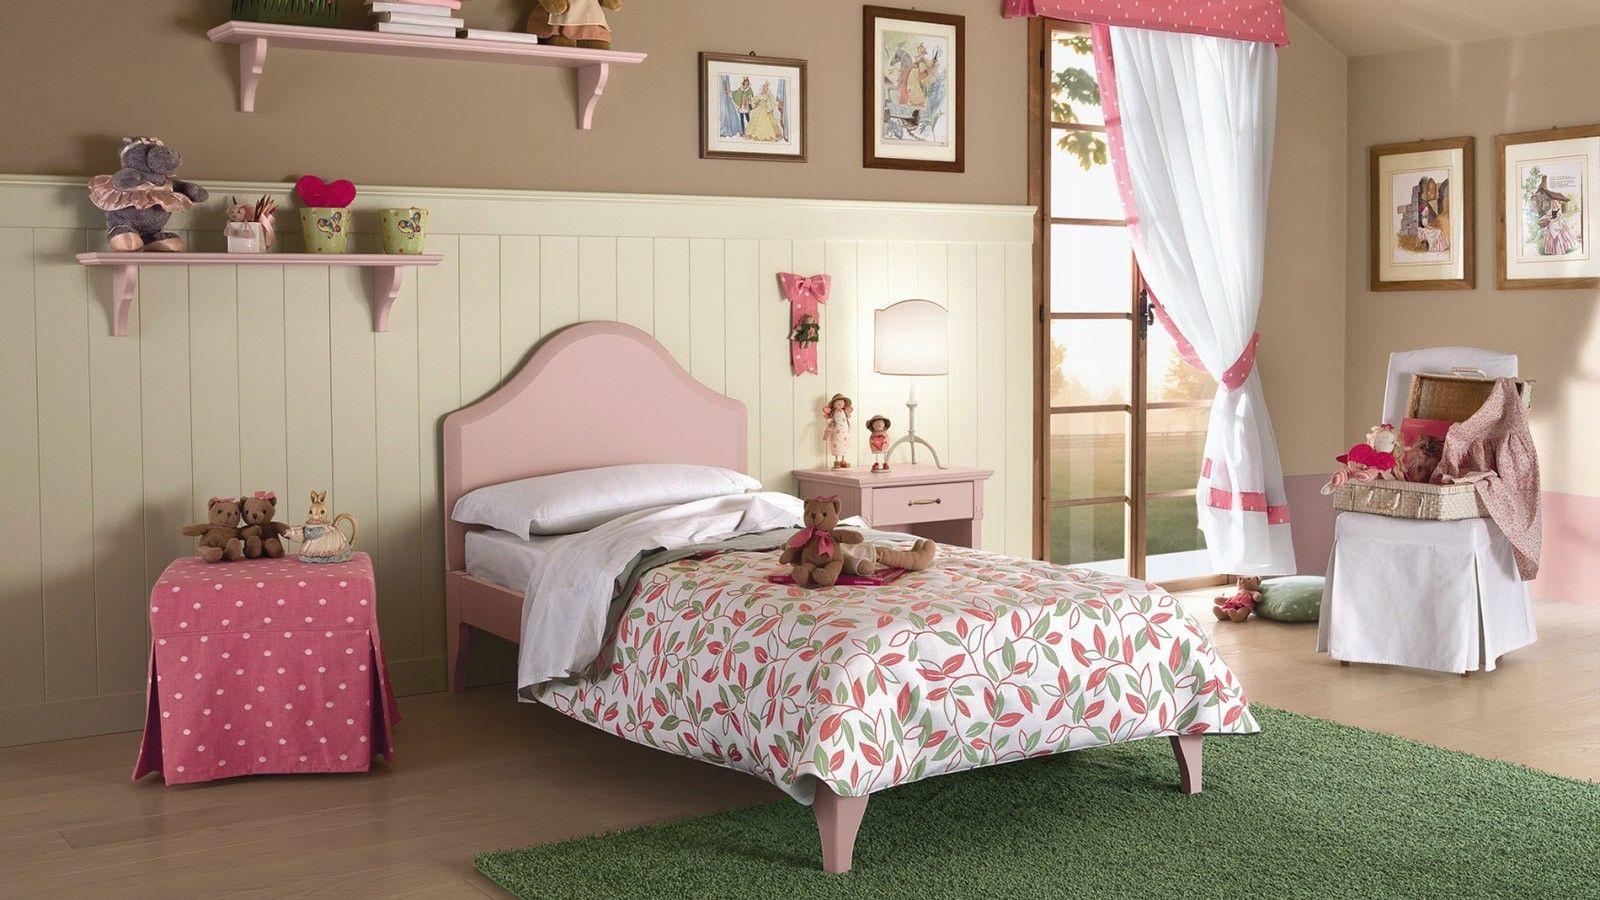 Cameretta con Boiserie | Callesella | Camera da letto legno ...